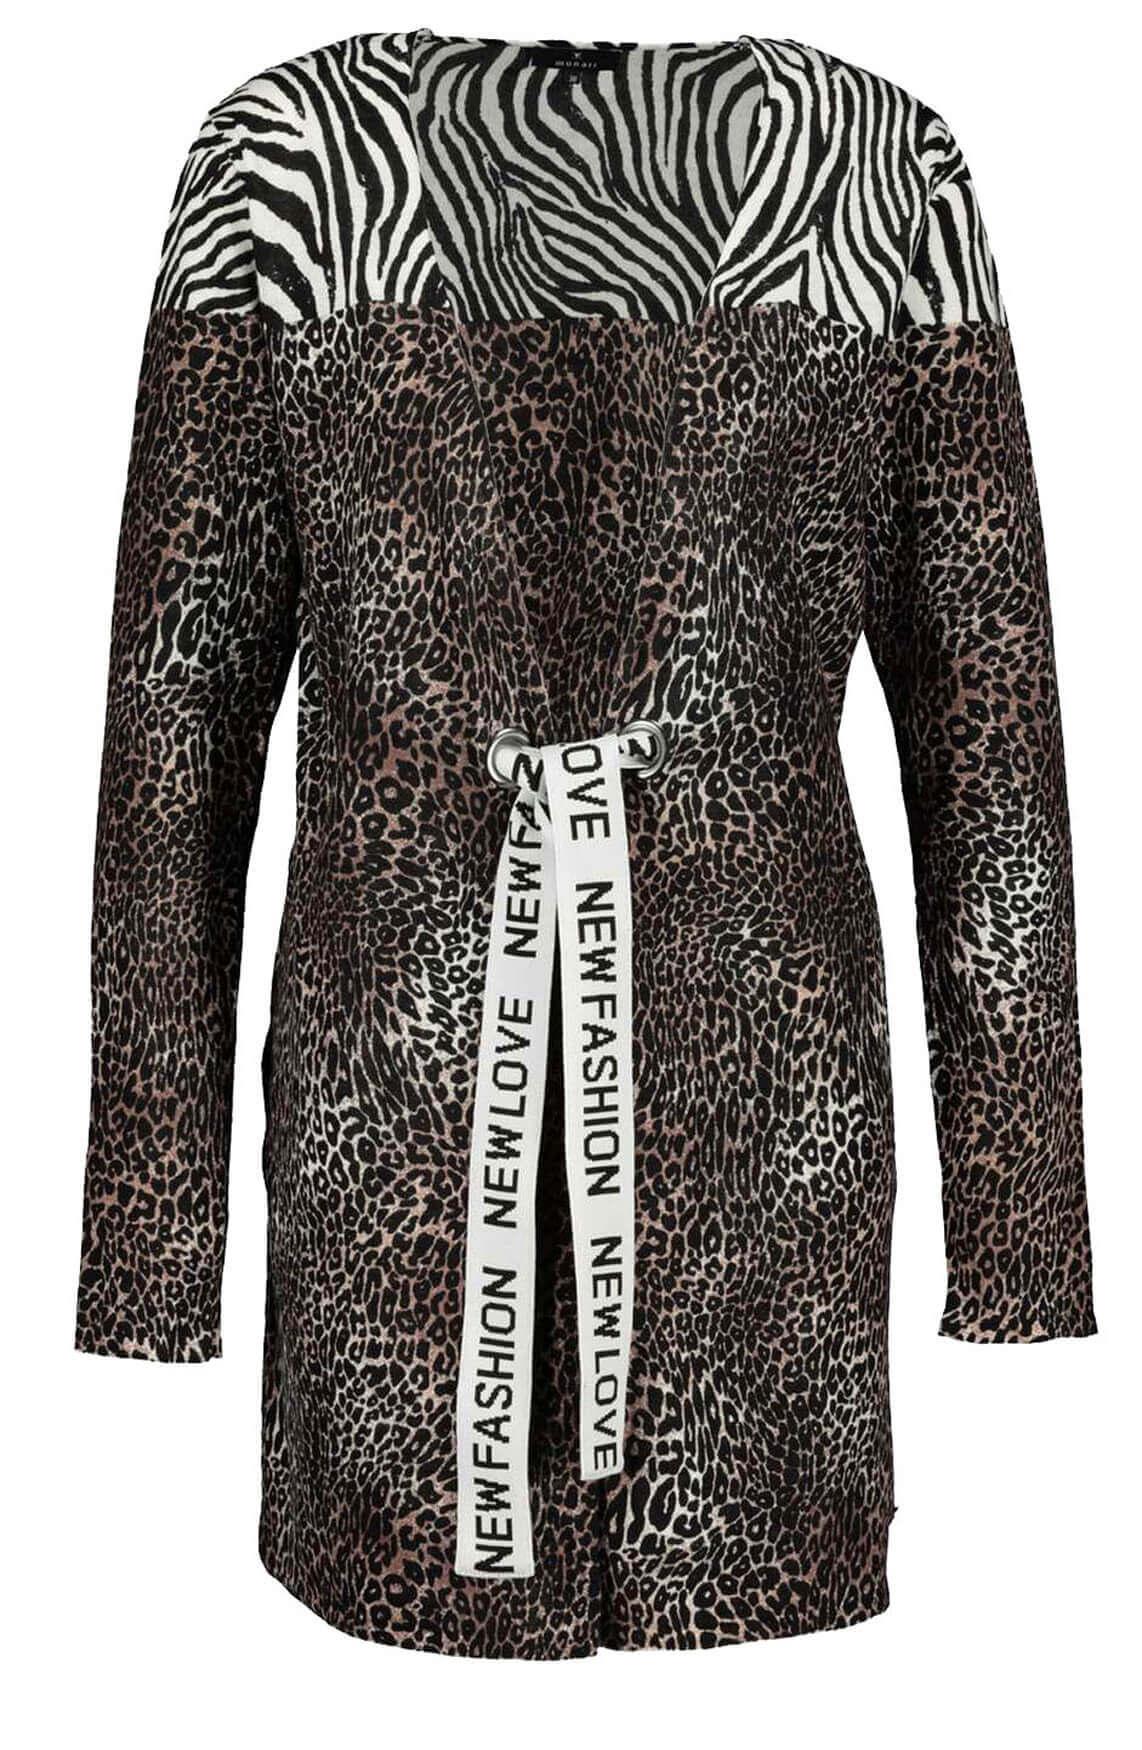 Monari Dames Vest met animalprint Bruin